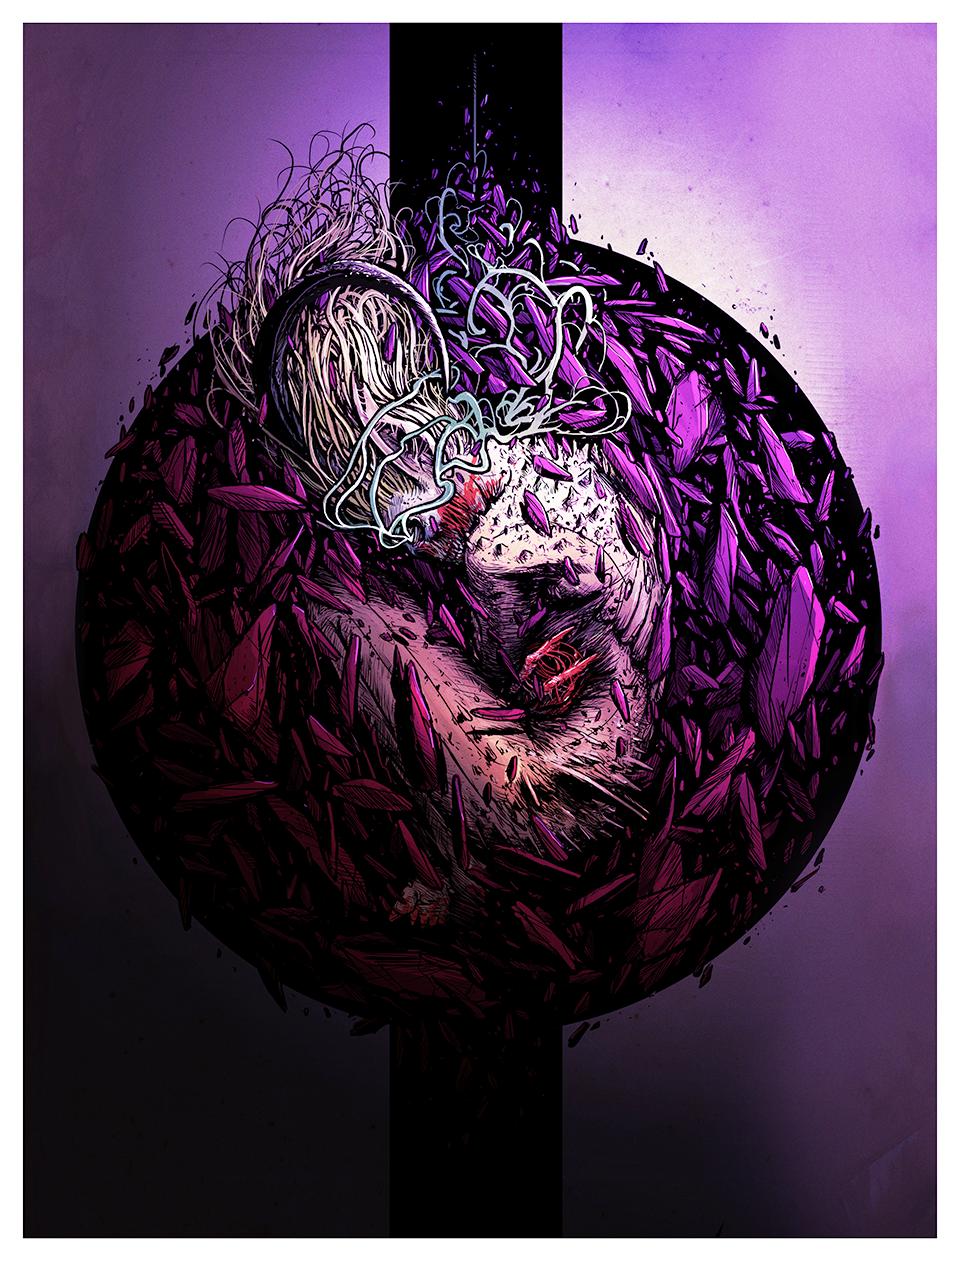 Stillbirth by Mesozord